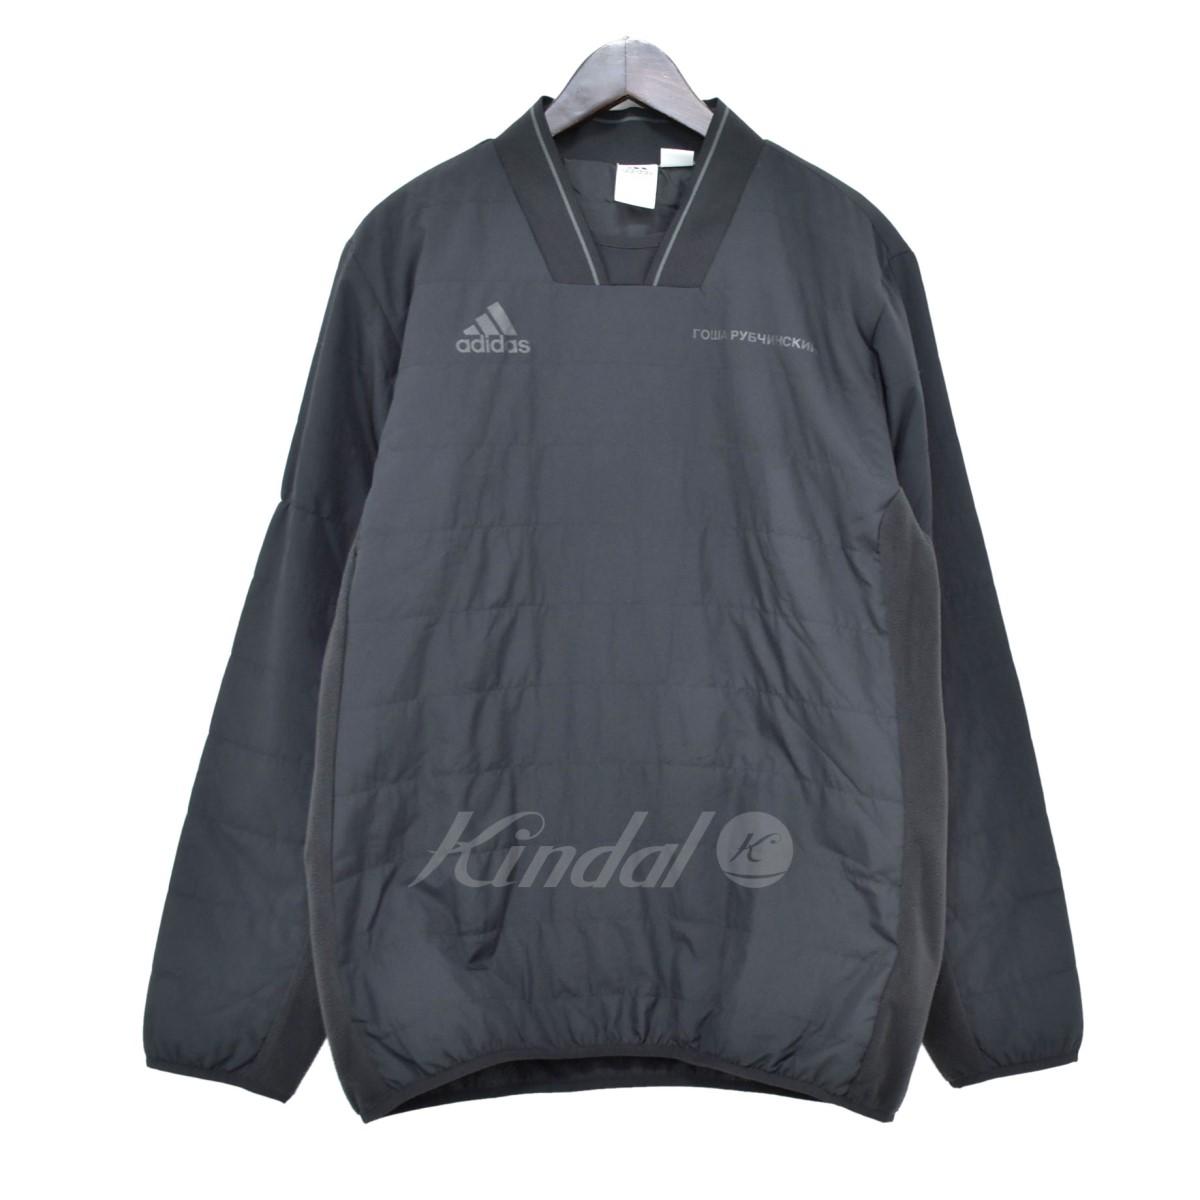 GOSHA RUBCHINSKIY X adidas 17AW WARM SWEATSHIRT fleece reshuffling pullover cut and sew black size: M (go Schalla butyne ski Adidas)